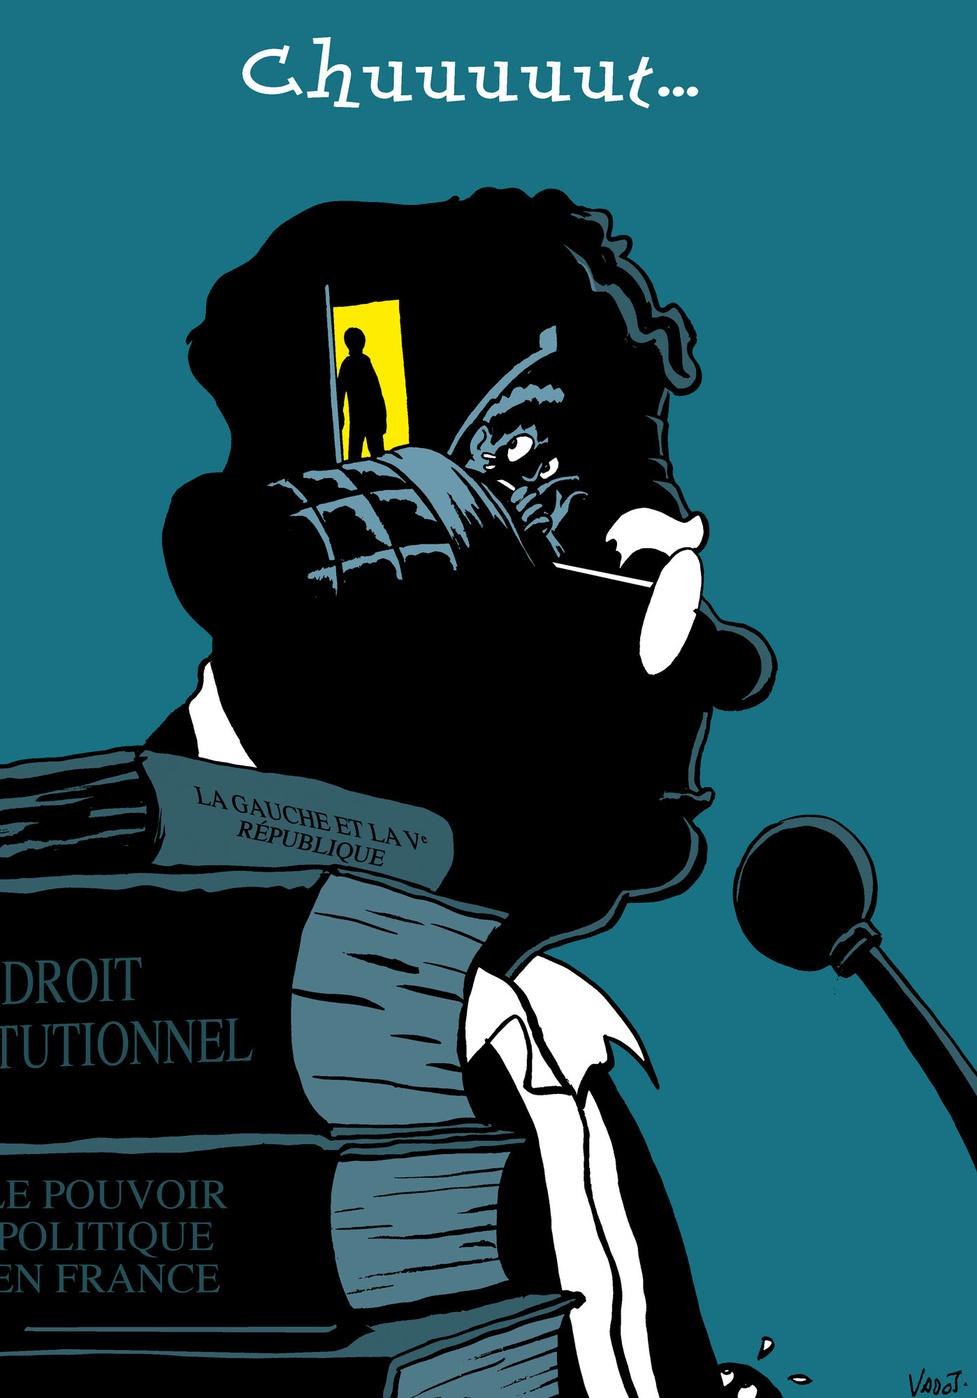 """Le célèbre et médiatique politologue français Olivier Duhamel est accusé d'inceste envers le frère jumeau de Camille Kouchner, dont il était le beau-père, à la fin des années 1980, dans un livre intitulé """"La Familia grande""""., Vadot"""